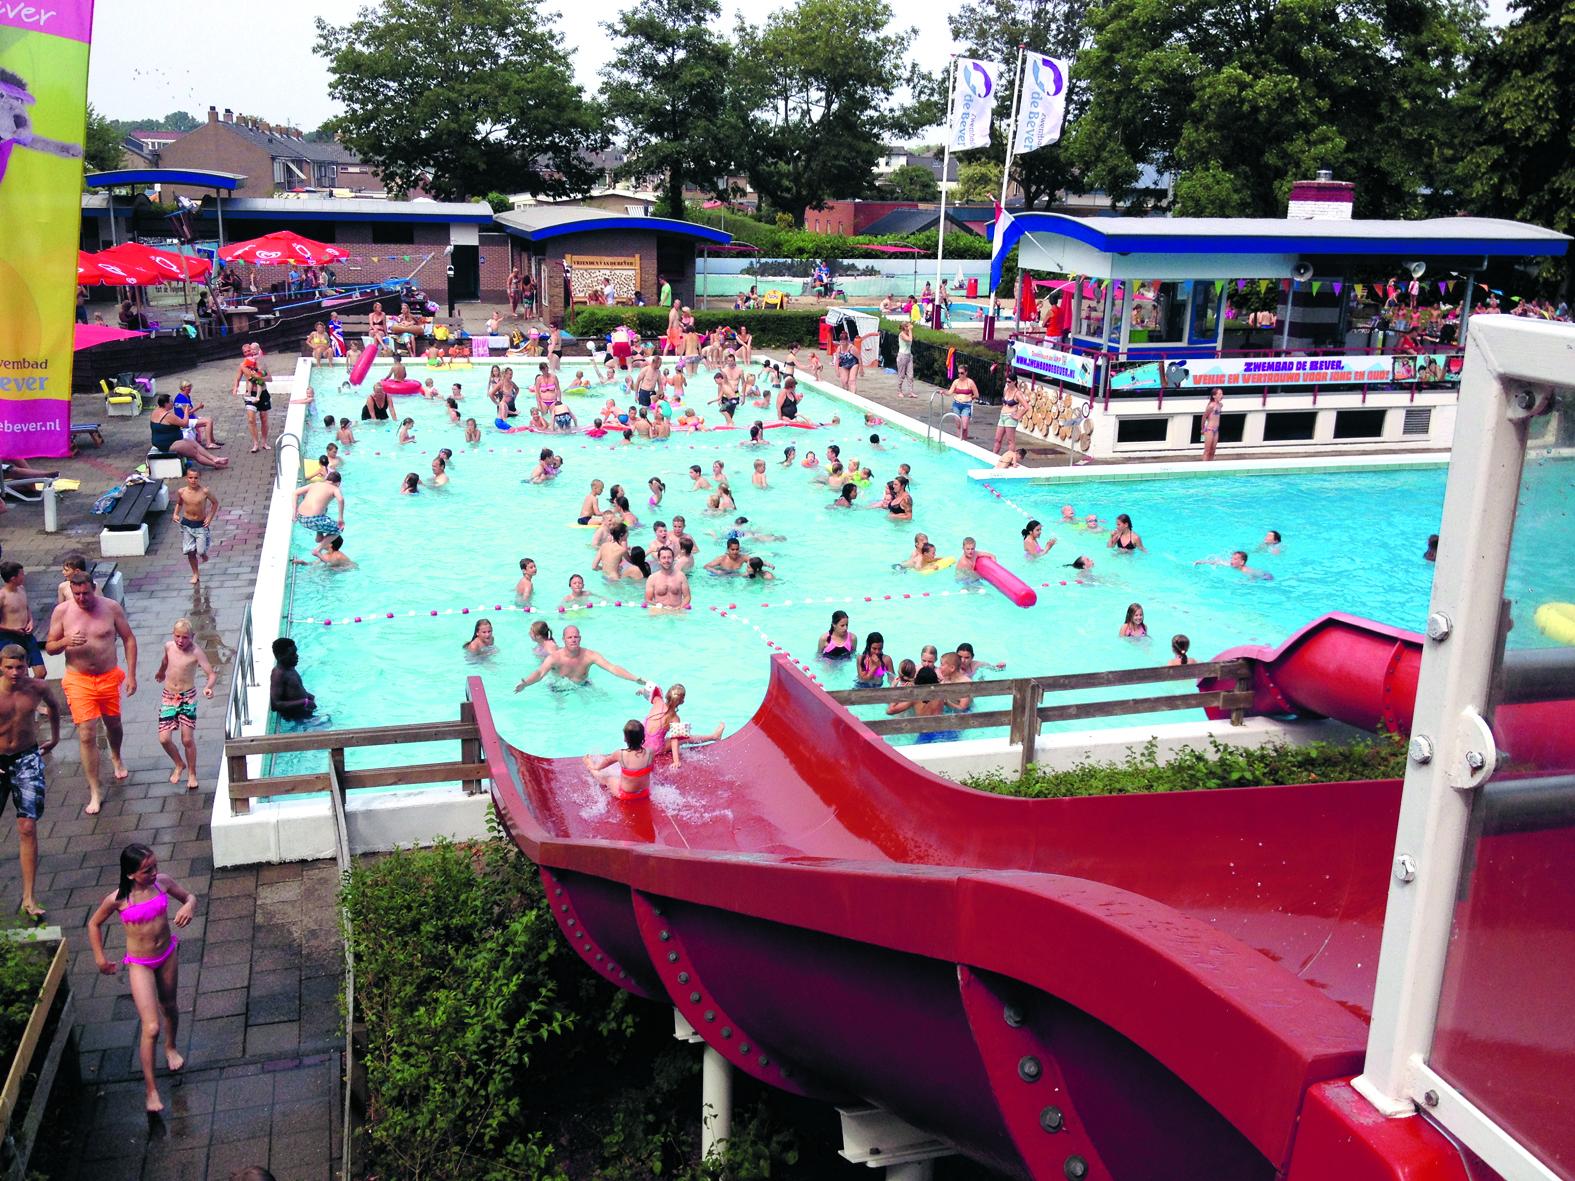 Allerlei gezellige activiteiten in De Bever. (Archieffoto/RM)